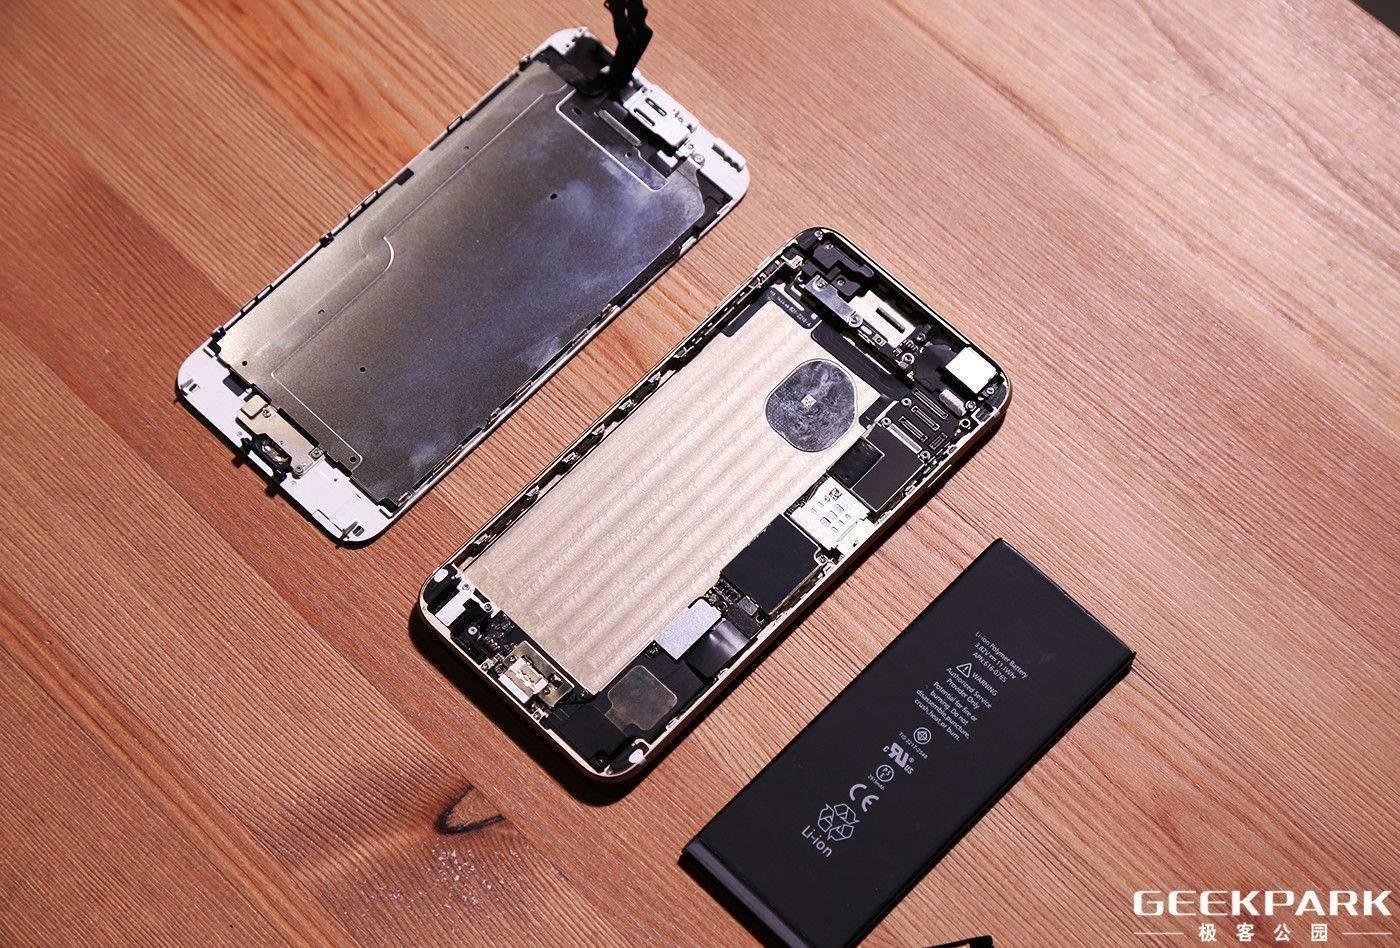 以 218 元为过保 iPhone 改换电池苹果「终究」给出